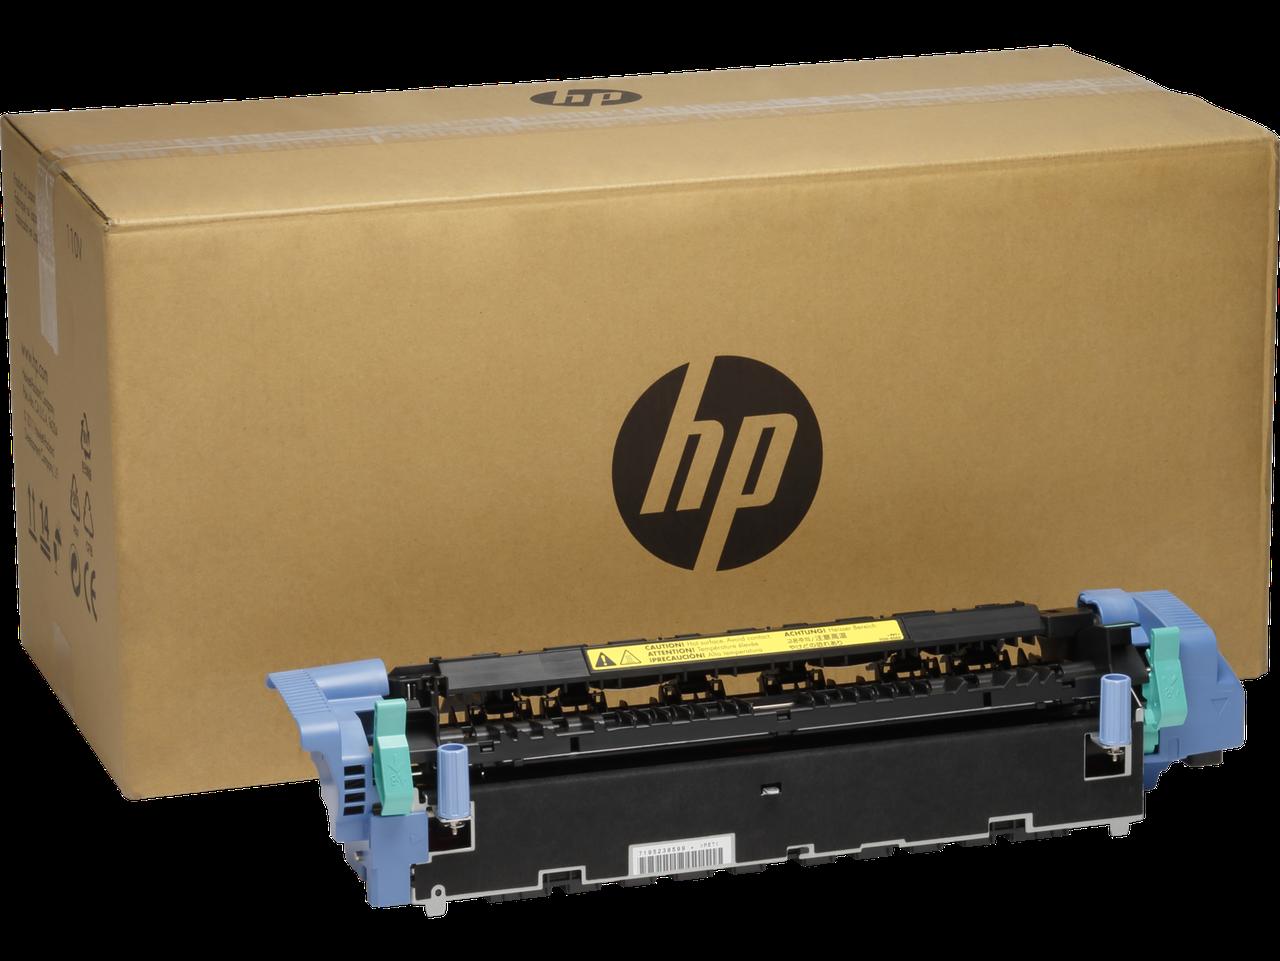 HP Q3985A Комплект термофиксатора LaserJet, 220 В, Цветной для Color LaserJet 5550